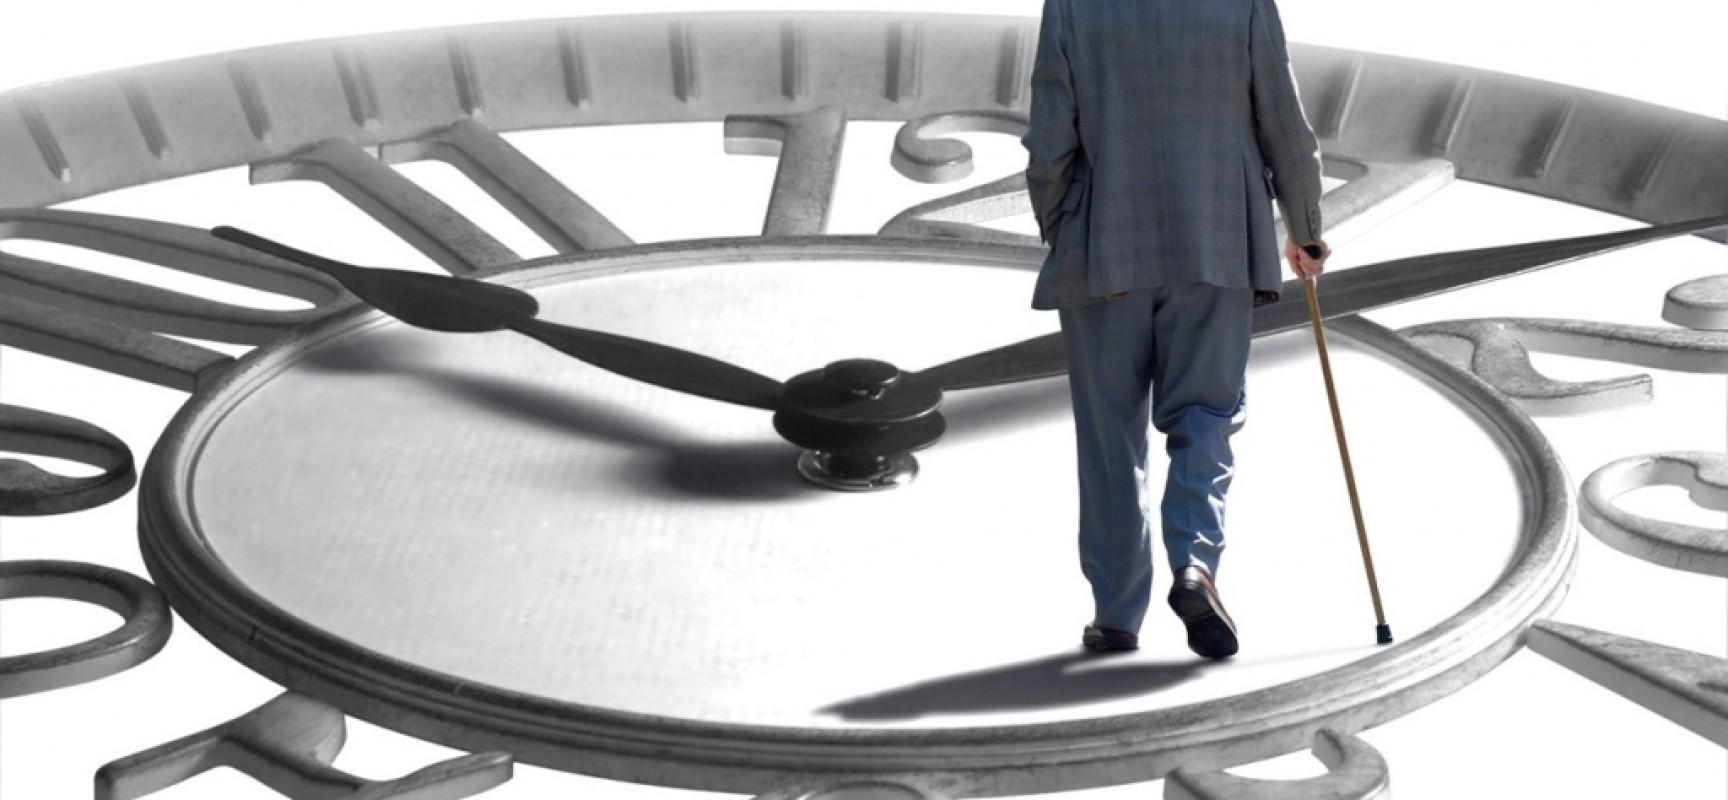 Непрерывный трудовой стаж на что влияет?